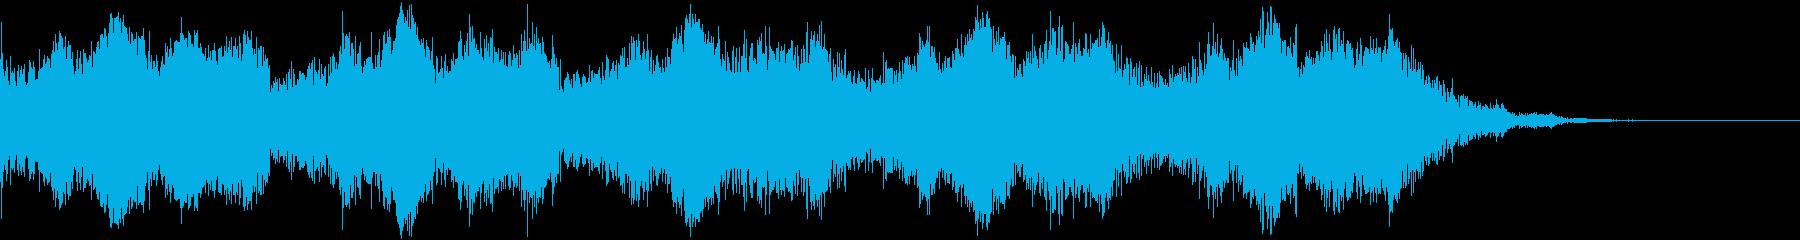 強風(強い風の音)の再生済みの波形